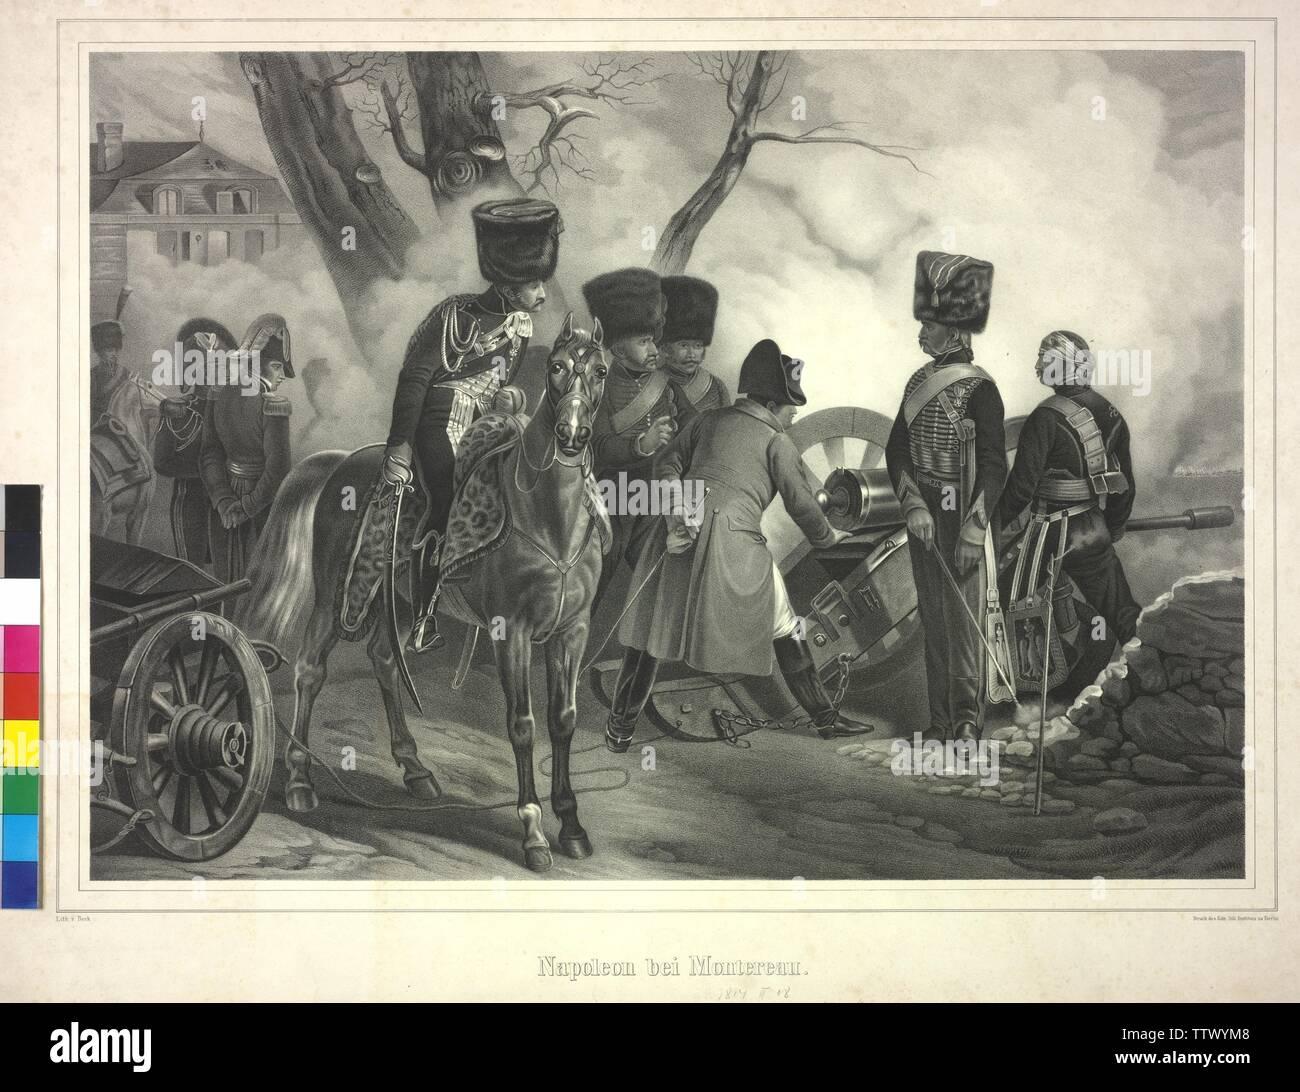 Napoleón en Montereau, 18.2.1814: Napoleón I Bonaparte, emperador de los franceses en la batalla de Montereau en una pistola, litografía en agosto? Beck, Additional-Rights-Clearance-Info-Not-Available Foto de stock